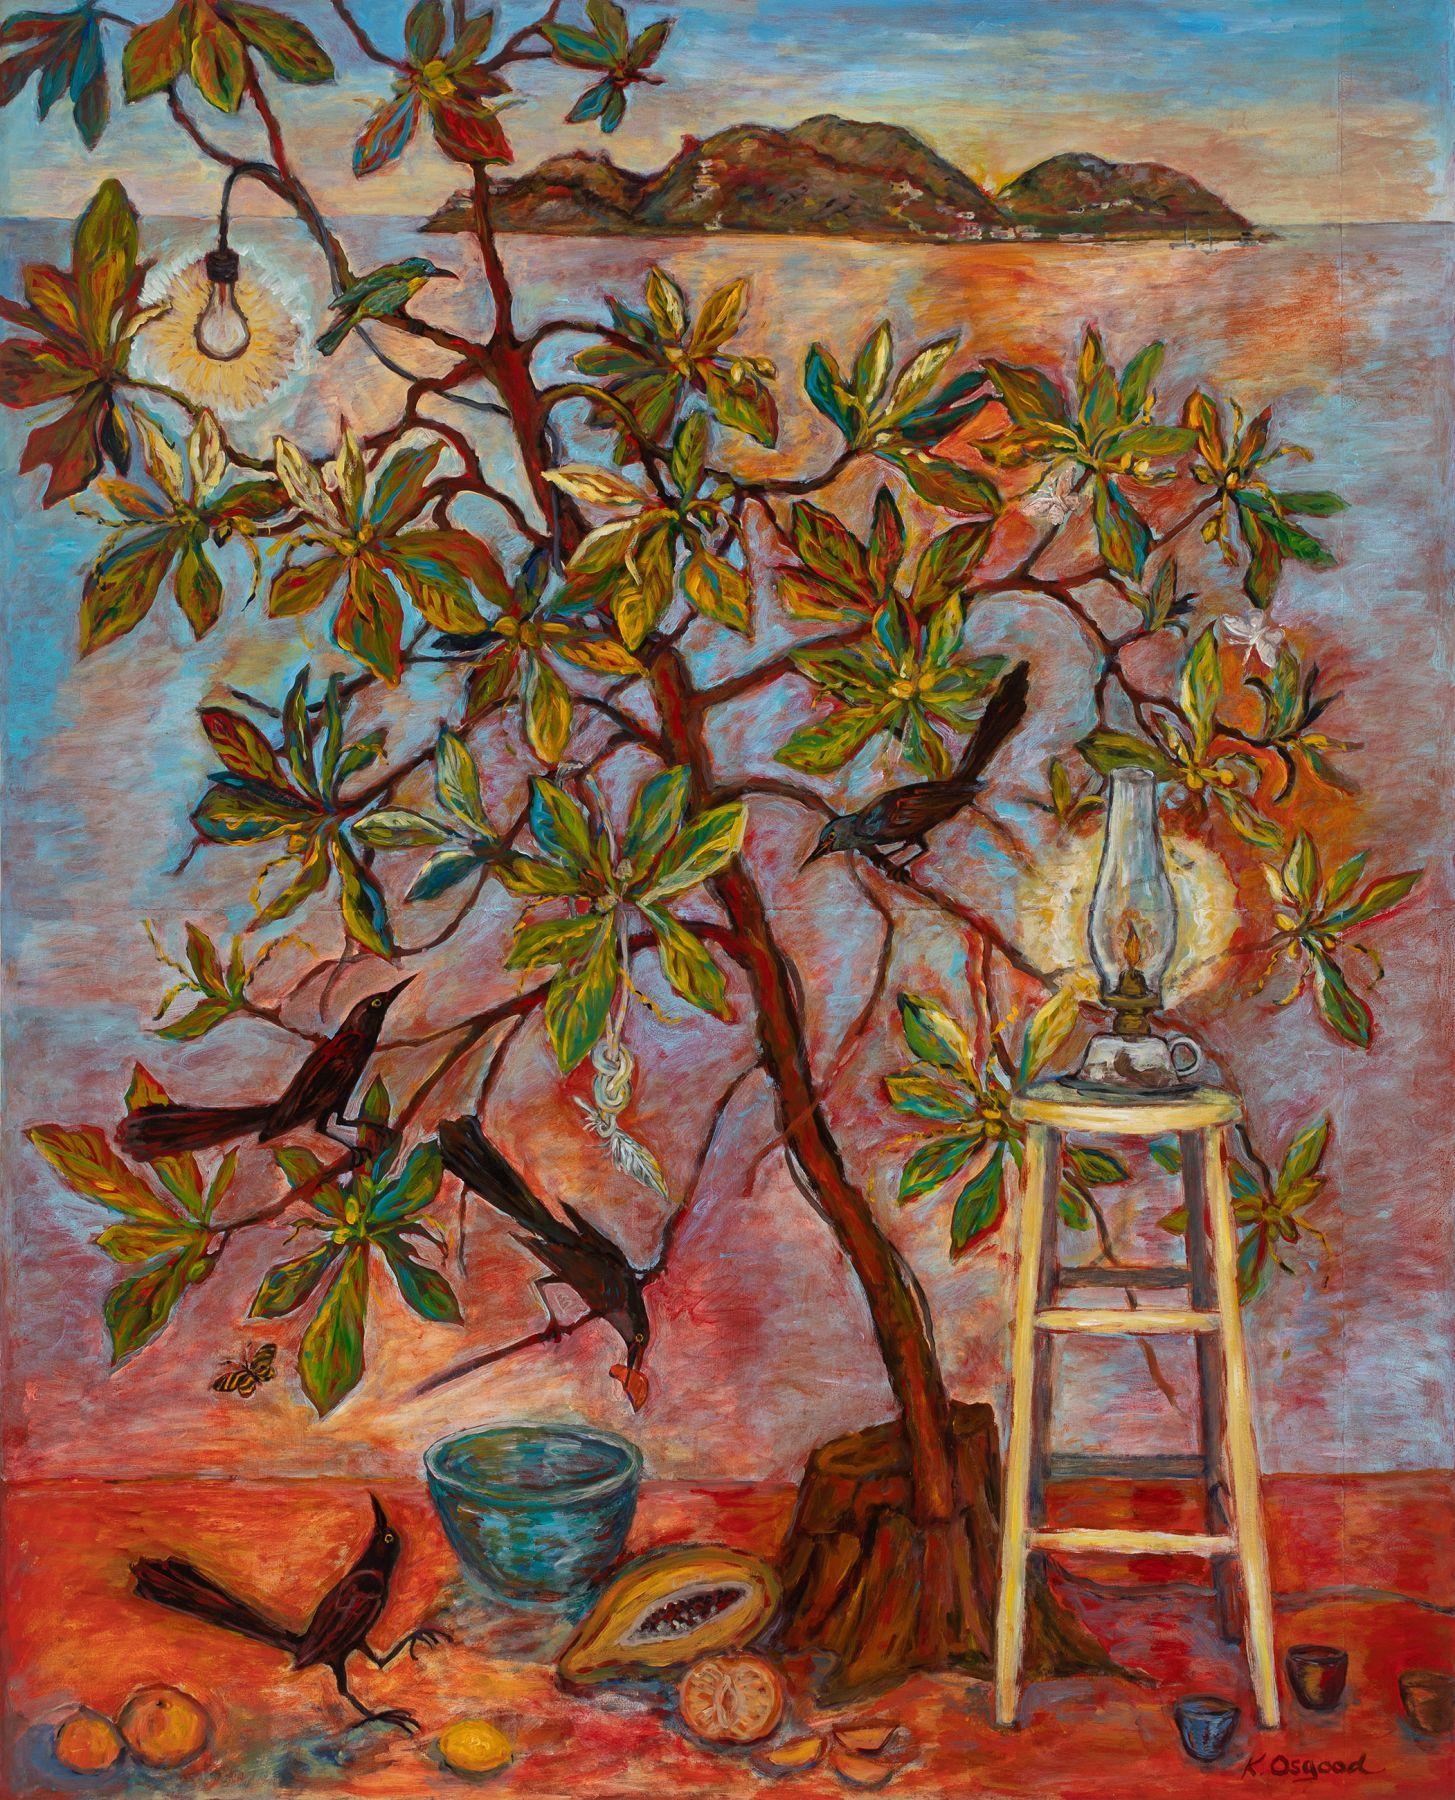 Osgood - Tree of Life, Evening Light